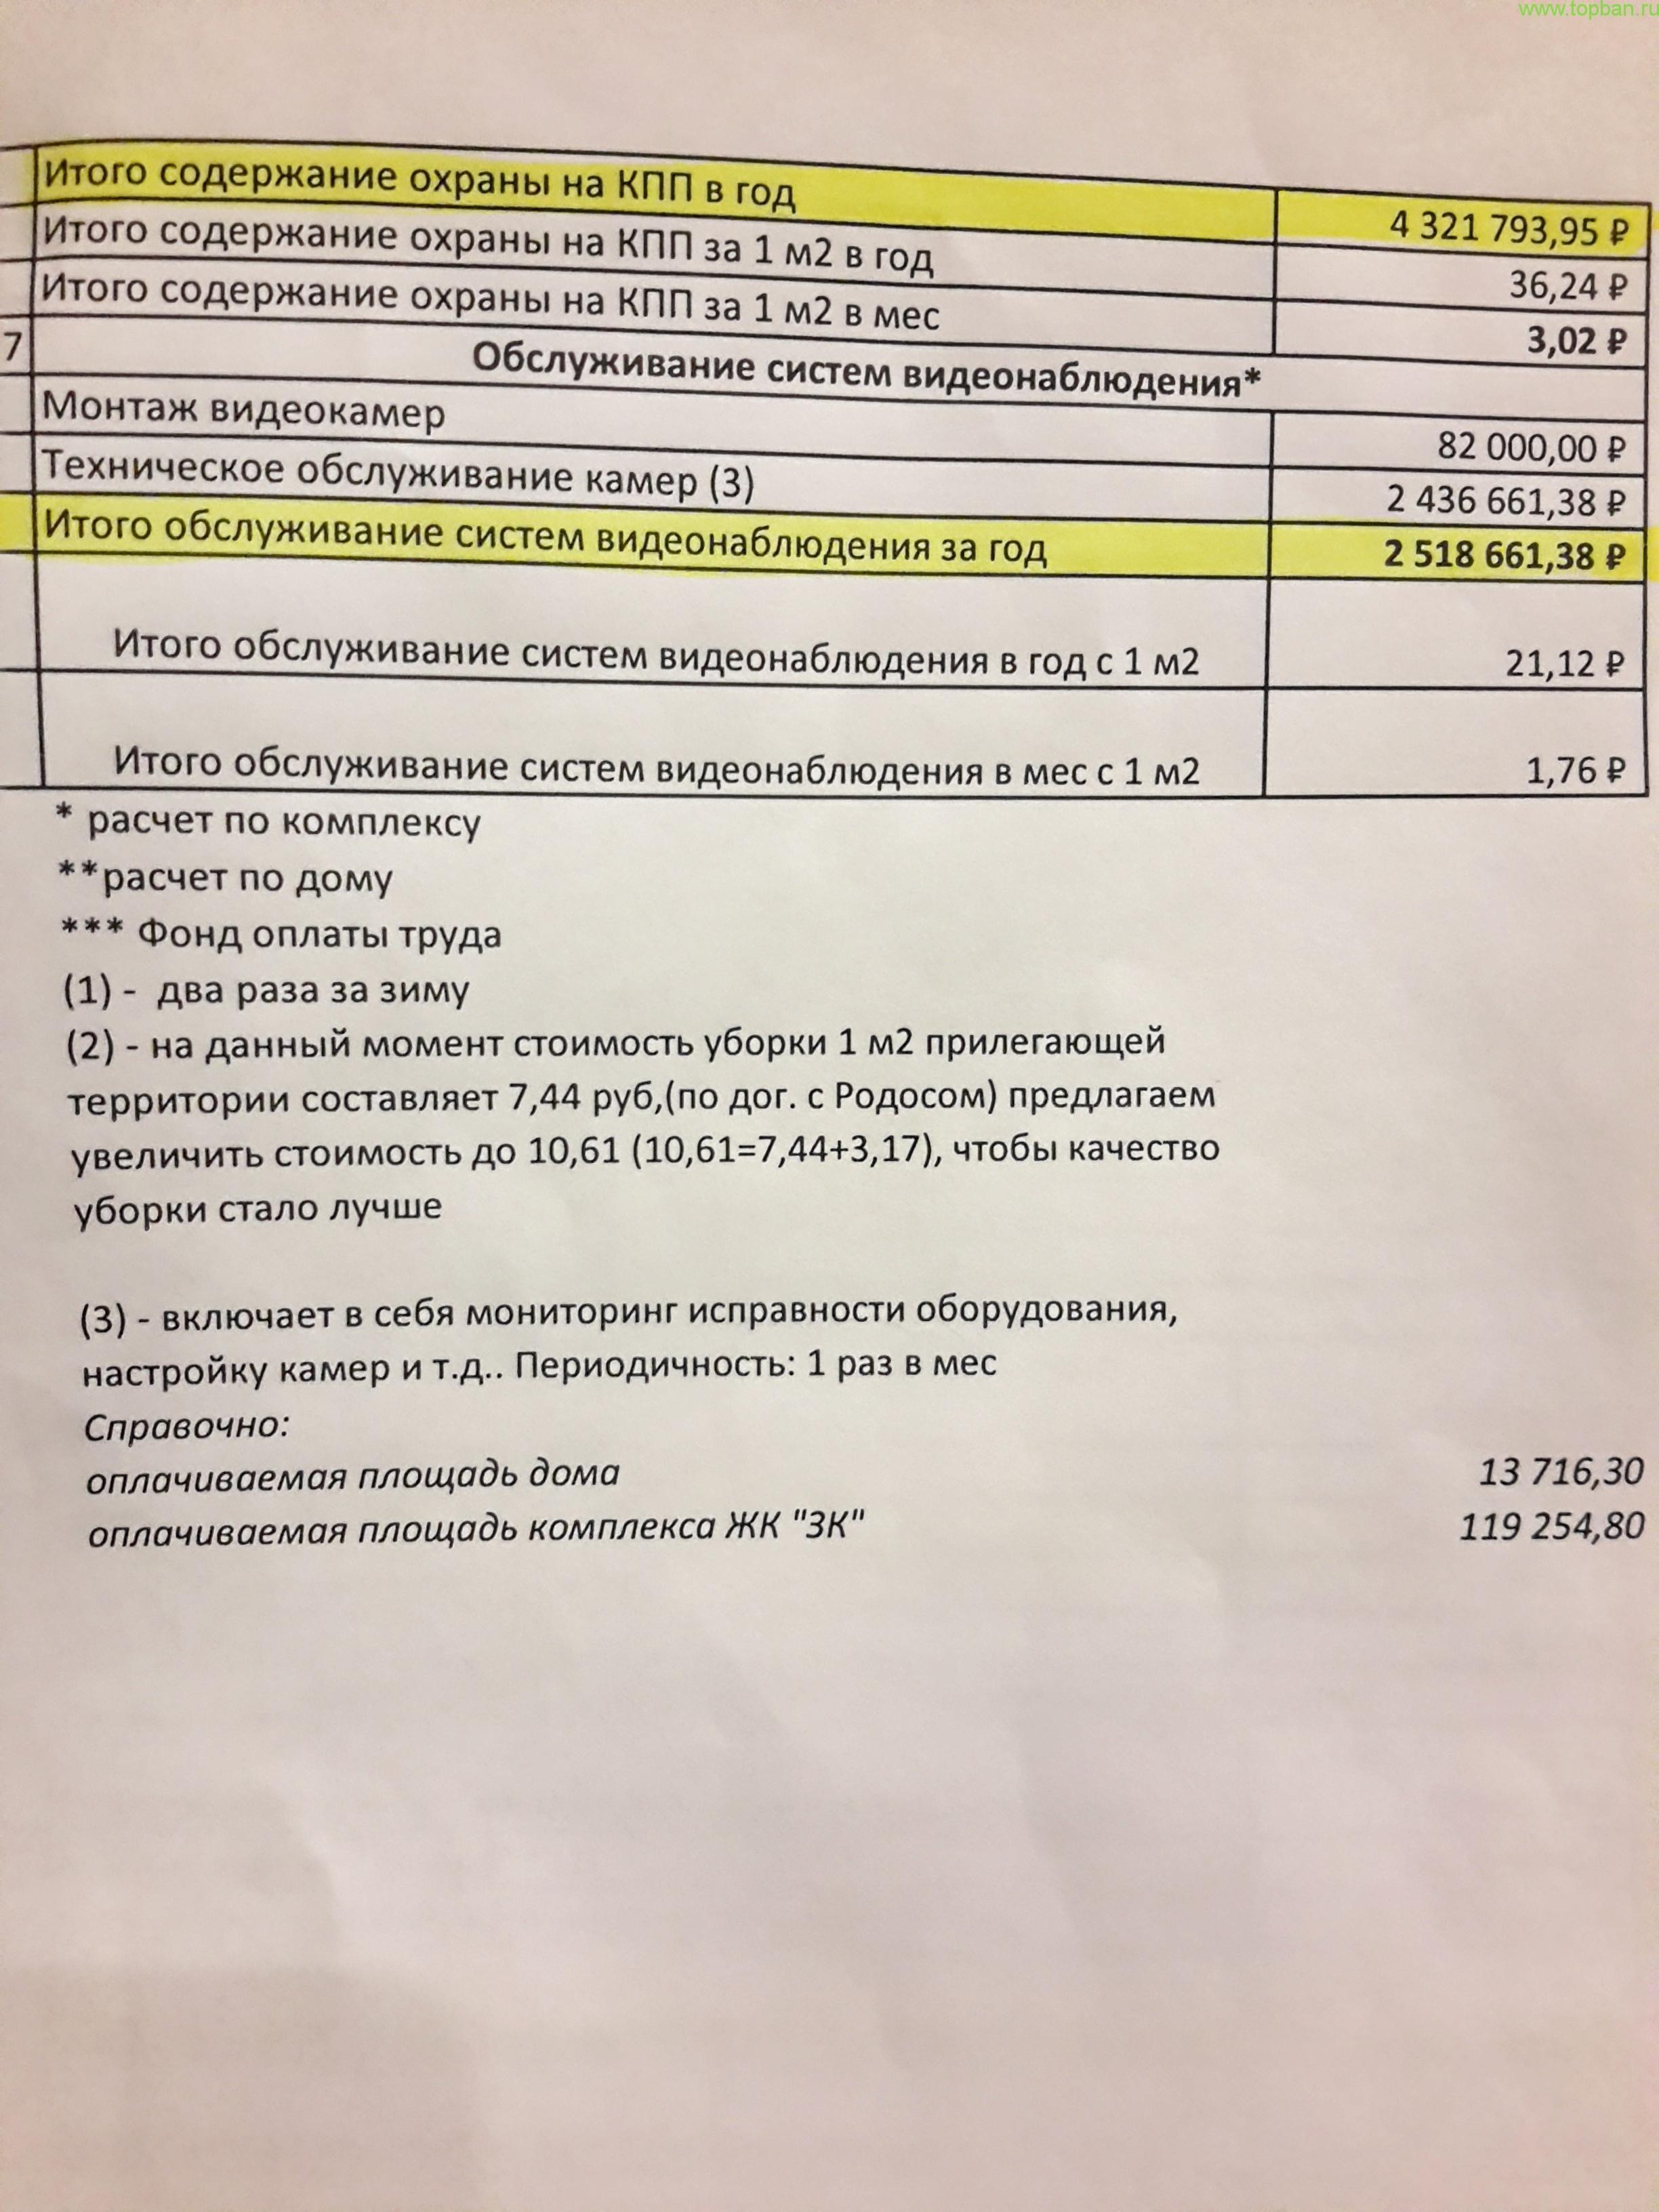 Расшифровка стоимости доп услуг 2 стр.